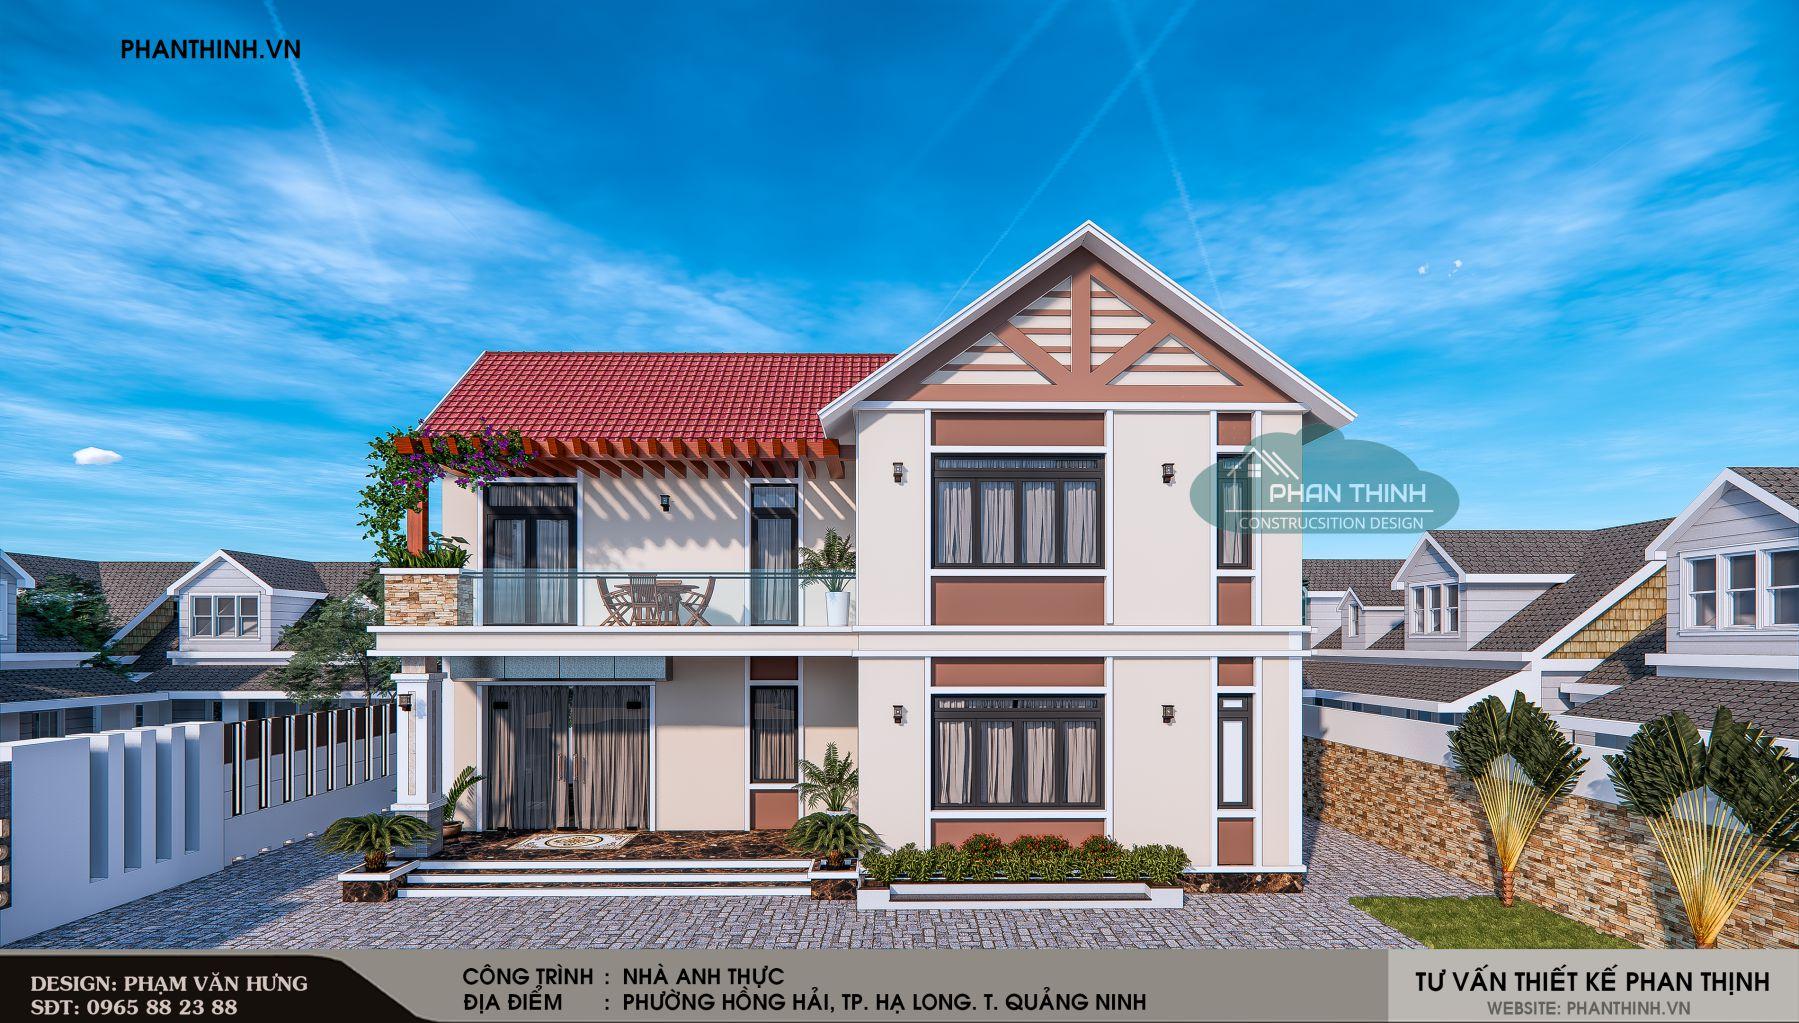 Thiết kế mặt tiền căn mái thái 2 tầng tại Quảng Ninh